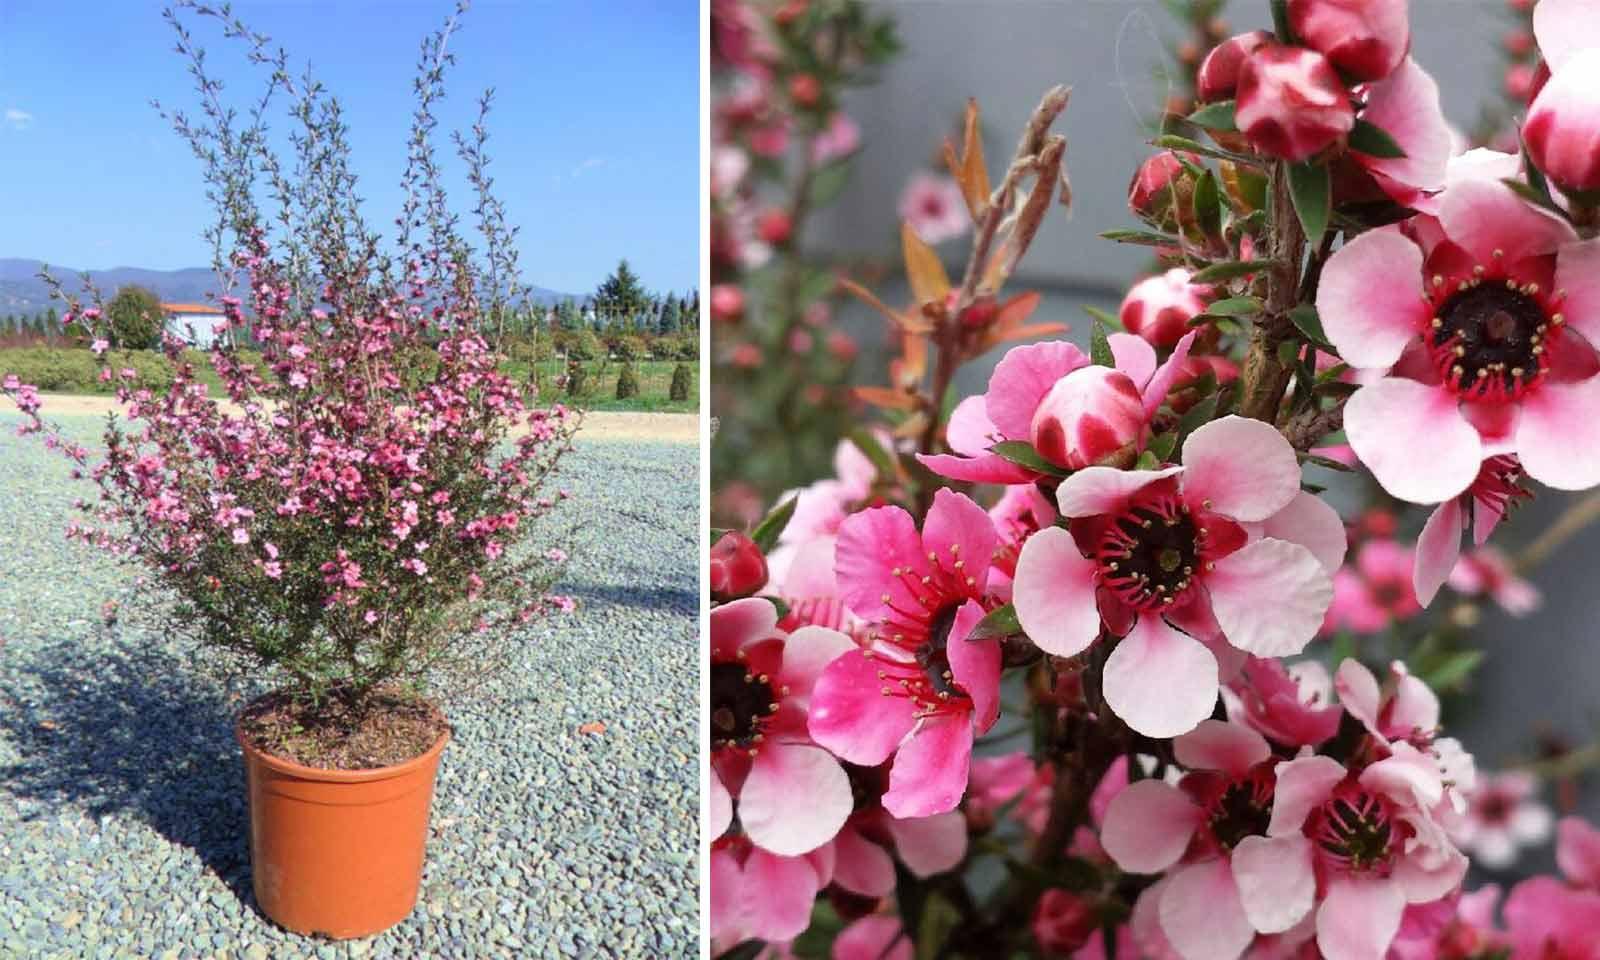 Leptospermum Scoparium (Tea Tree) - Shrub